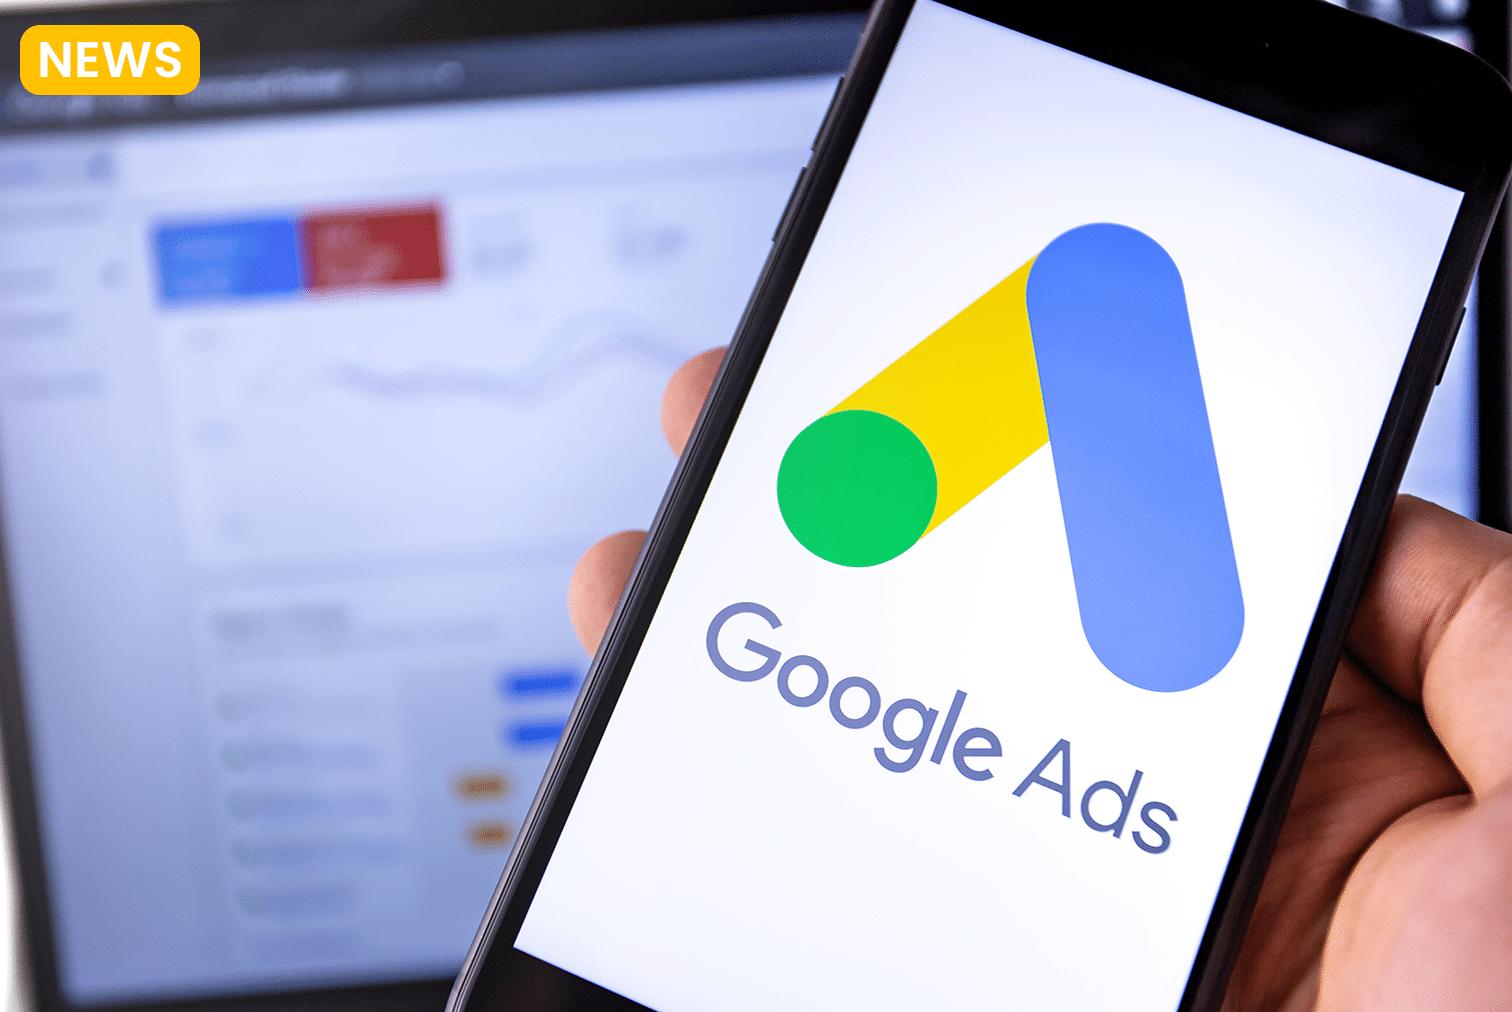 Google A-ds